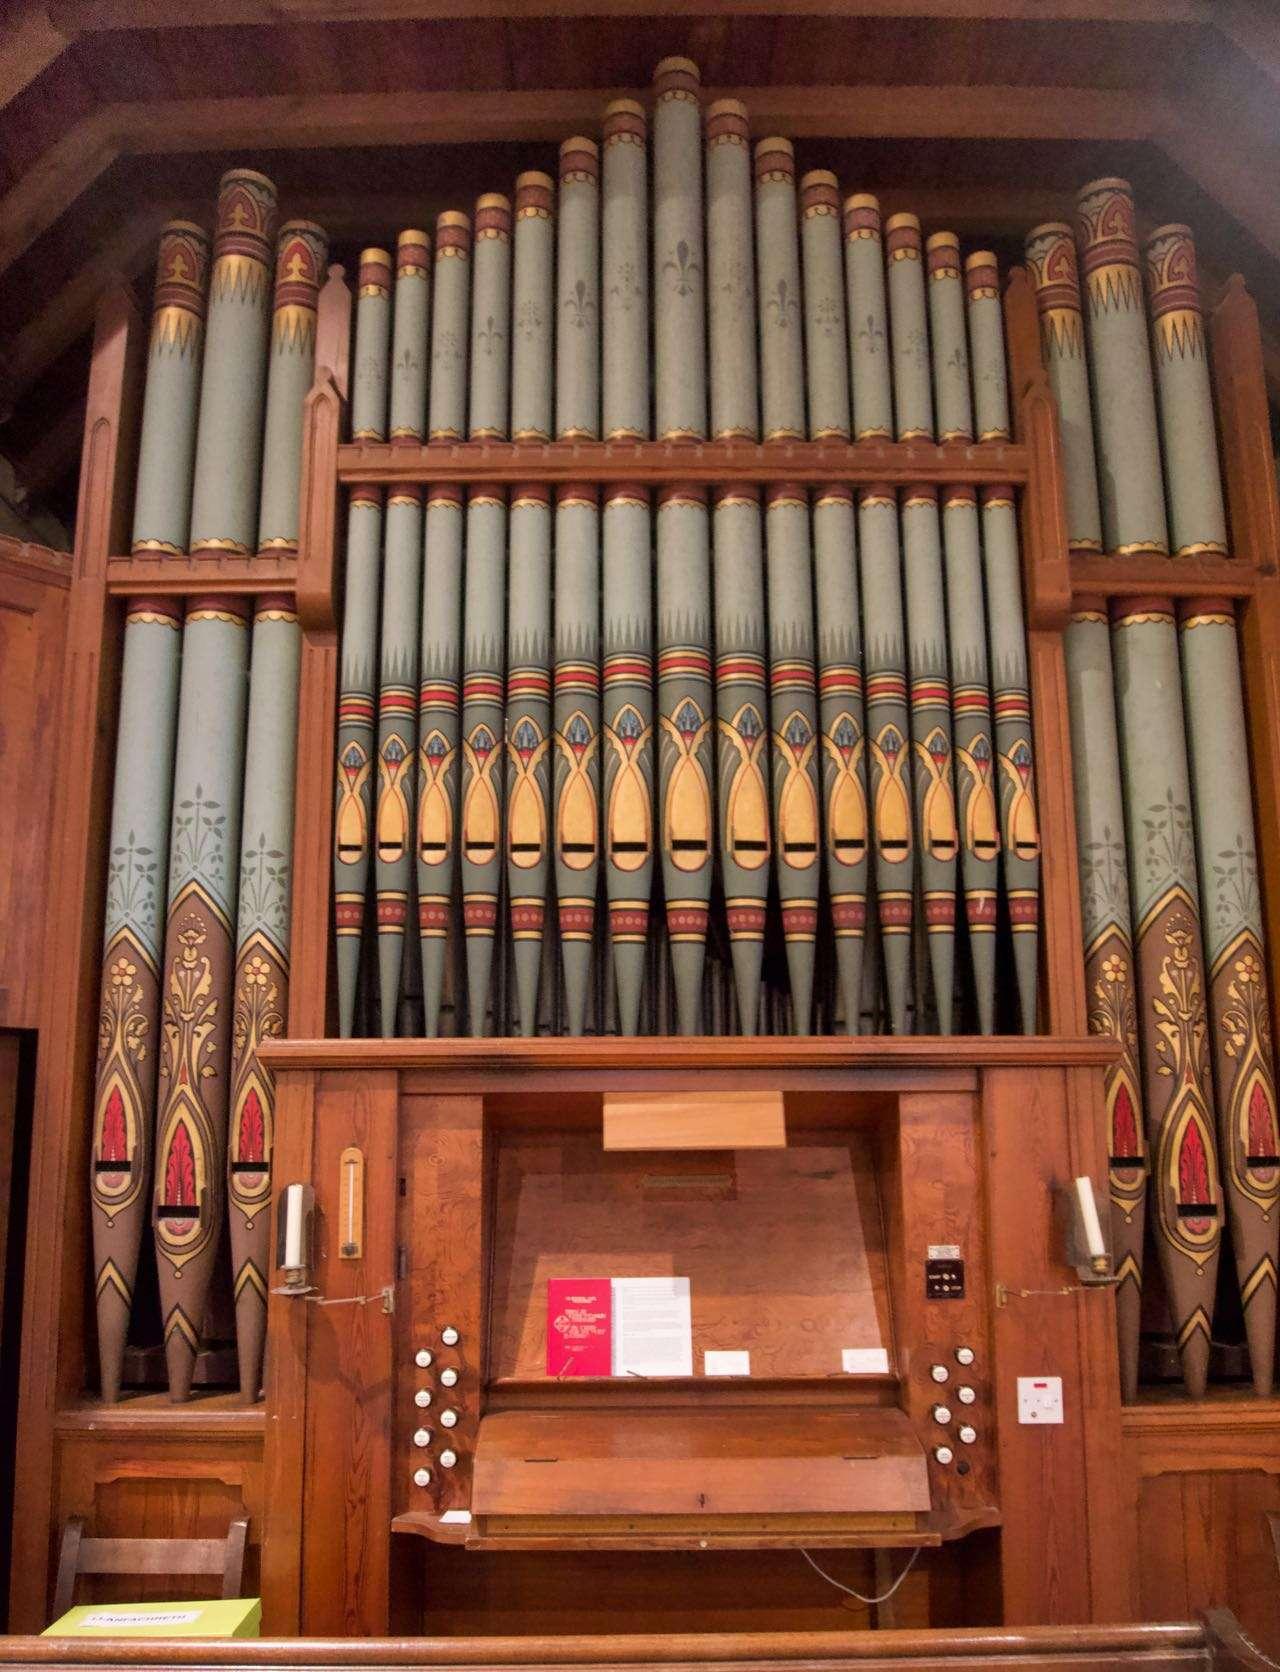 The Organ in St. Machreth Church, Llanfachreth